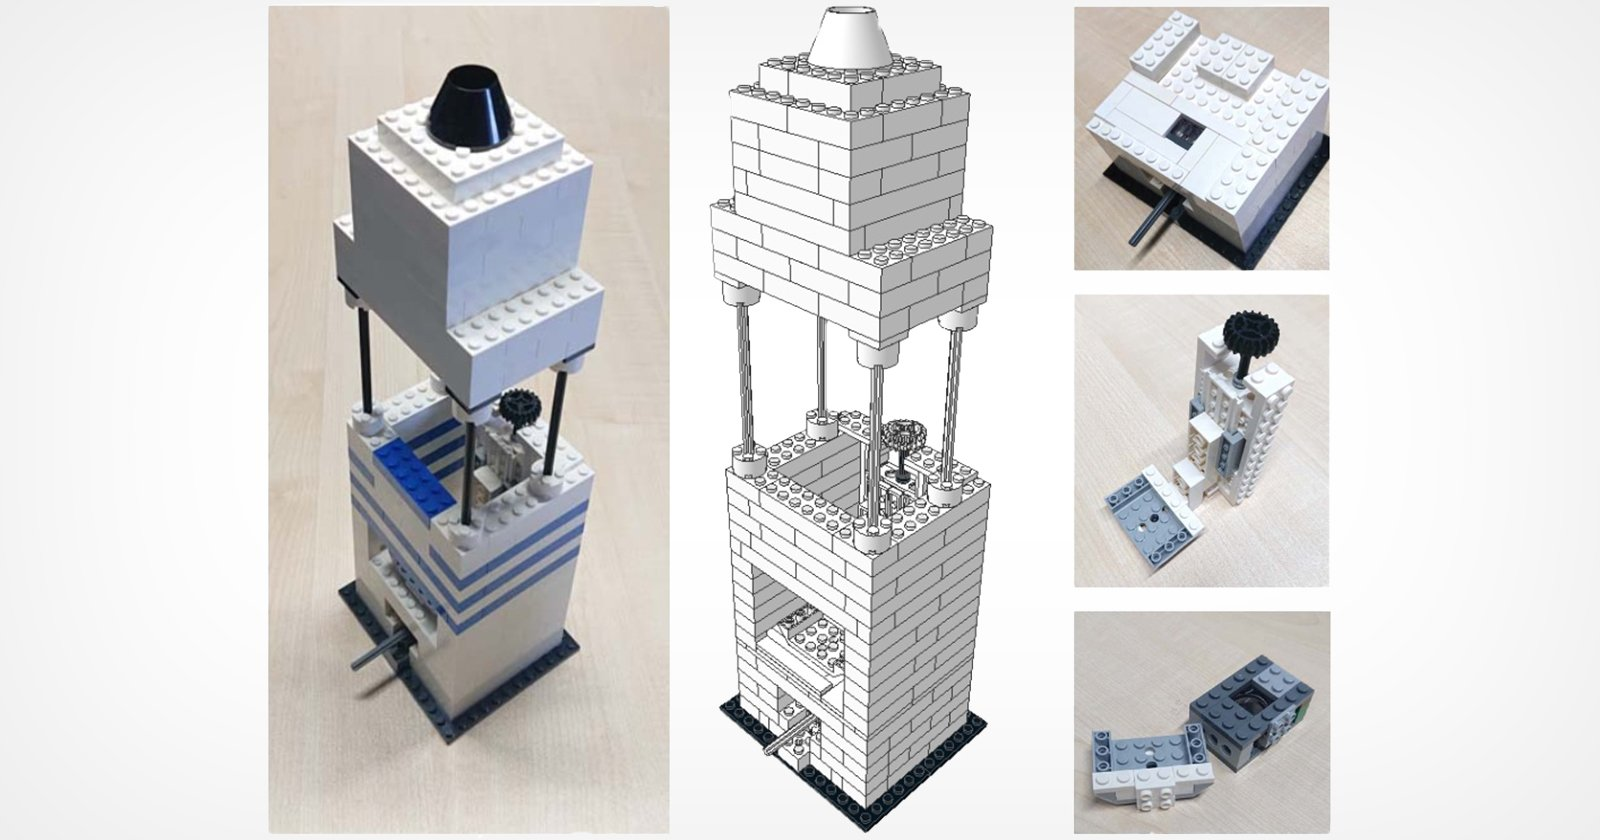 Puoi realizzare un microscopio ad alta risoluzione con un iPhone e un LEGO